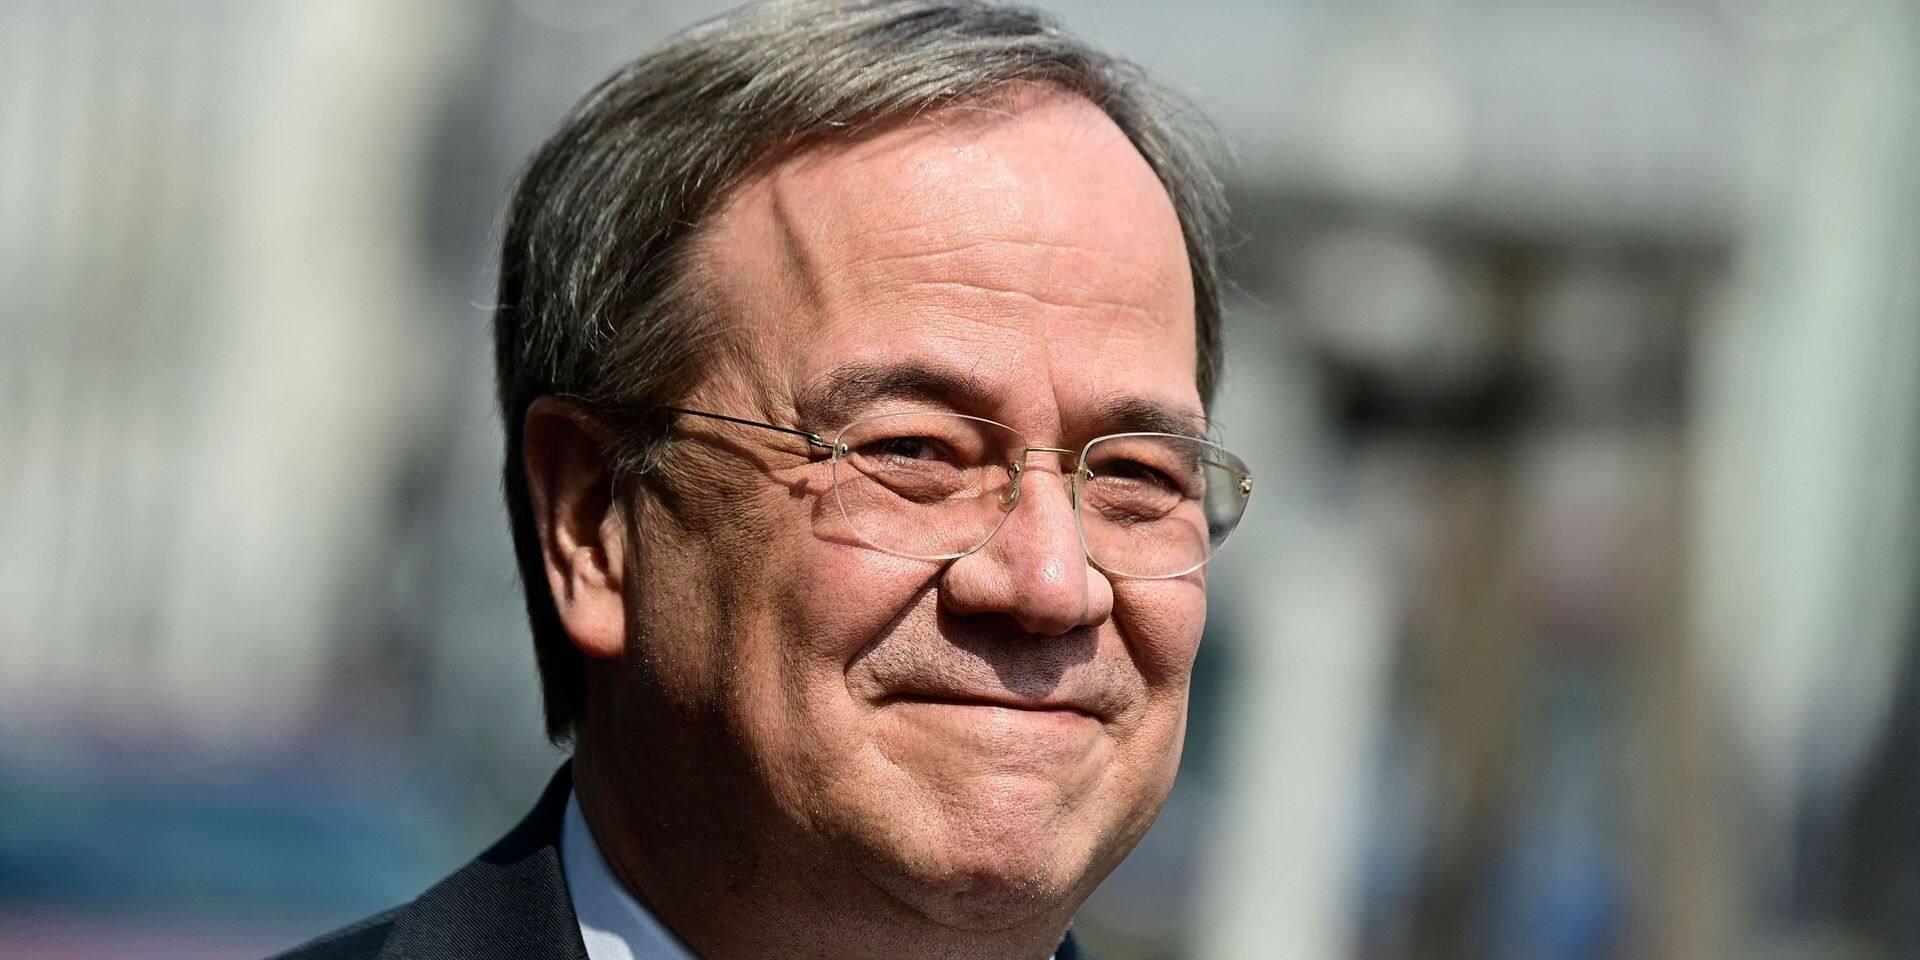 Le CDU confirme la candidature d'Armin Laschet pour la succession d'Angela Merkel